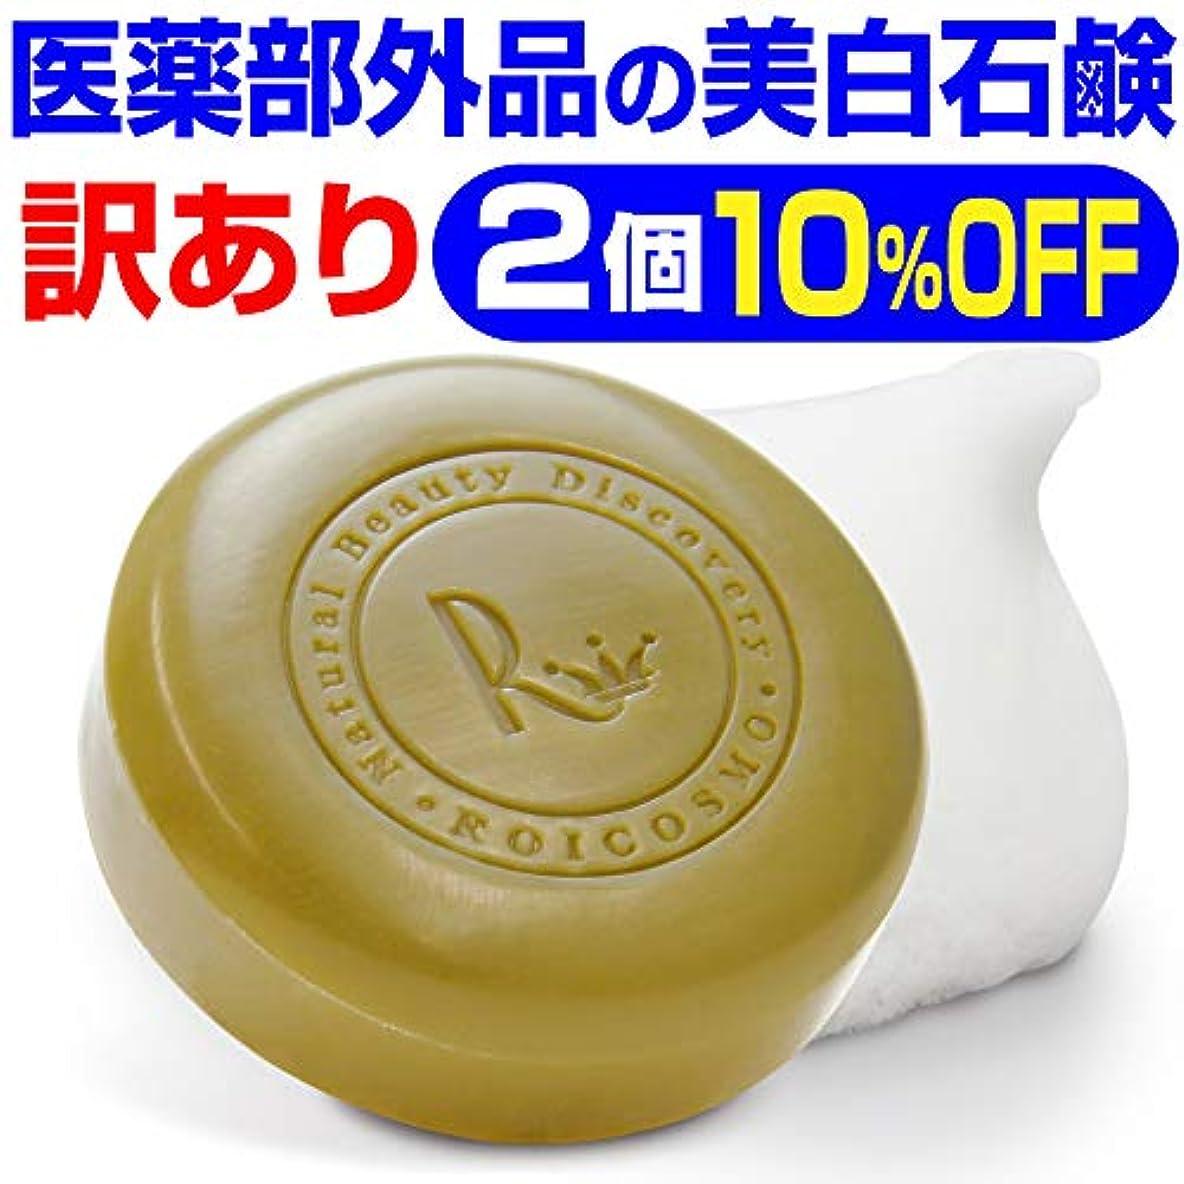 天の慎重にギャップ訳あり10%OFF(1個2,143円)売切れ御免 ビタミンC270倍の美白成分の 洗顔石鹸『ホワイトソープ100g×2個』